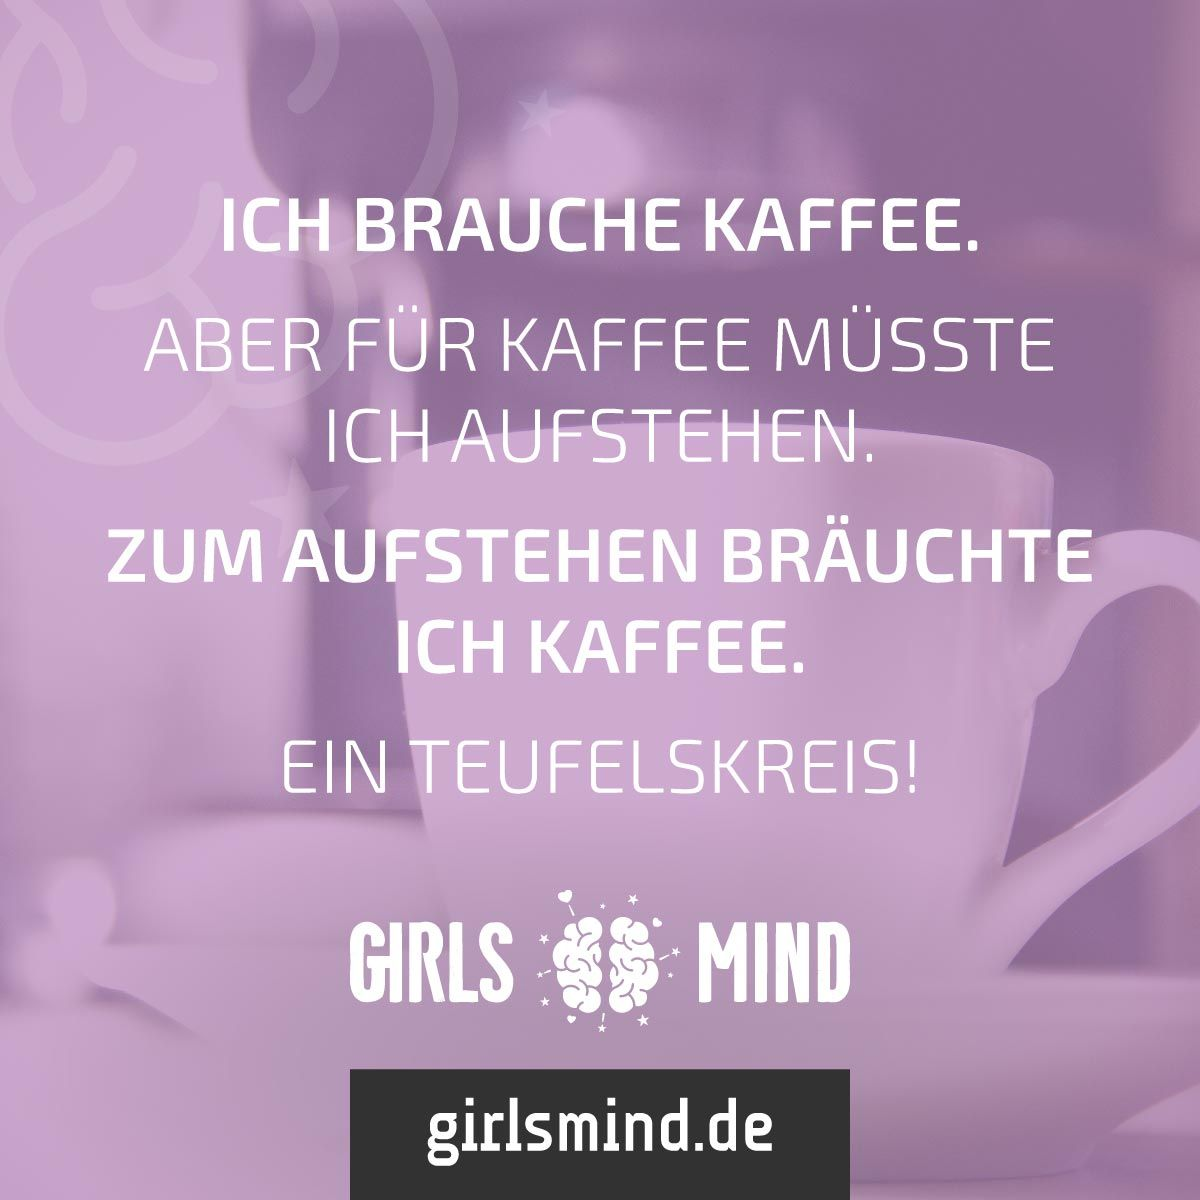 zeit für einen heißen kaffee! mehr sprüche auf: www.girlsmind.de